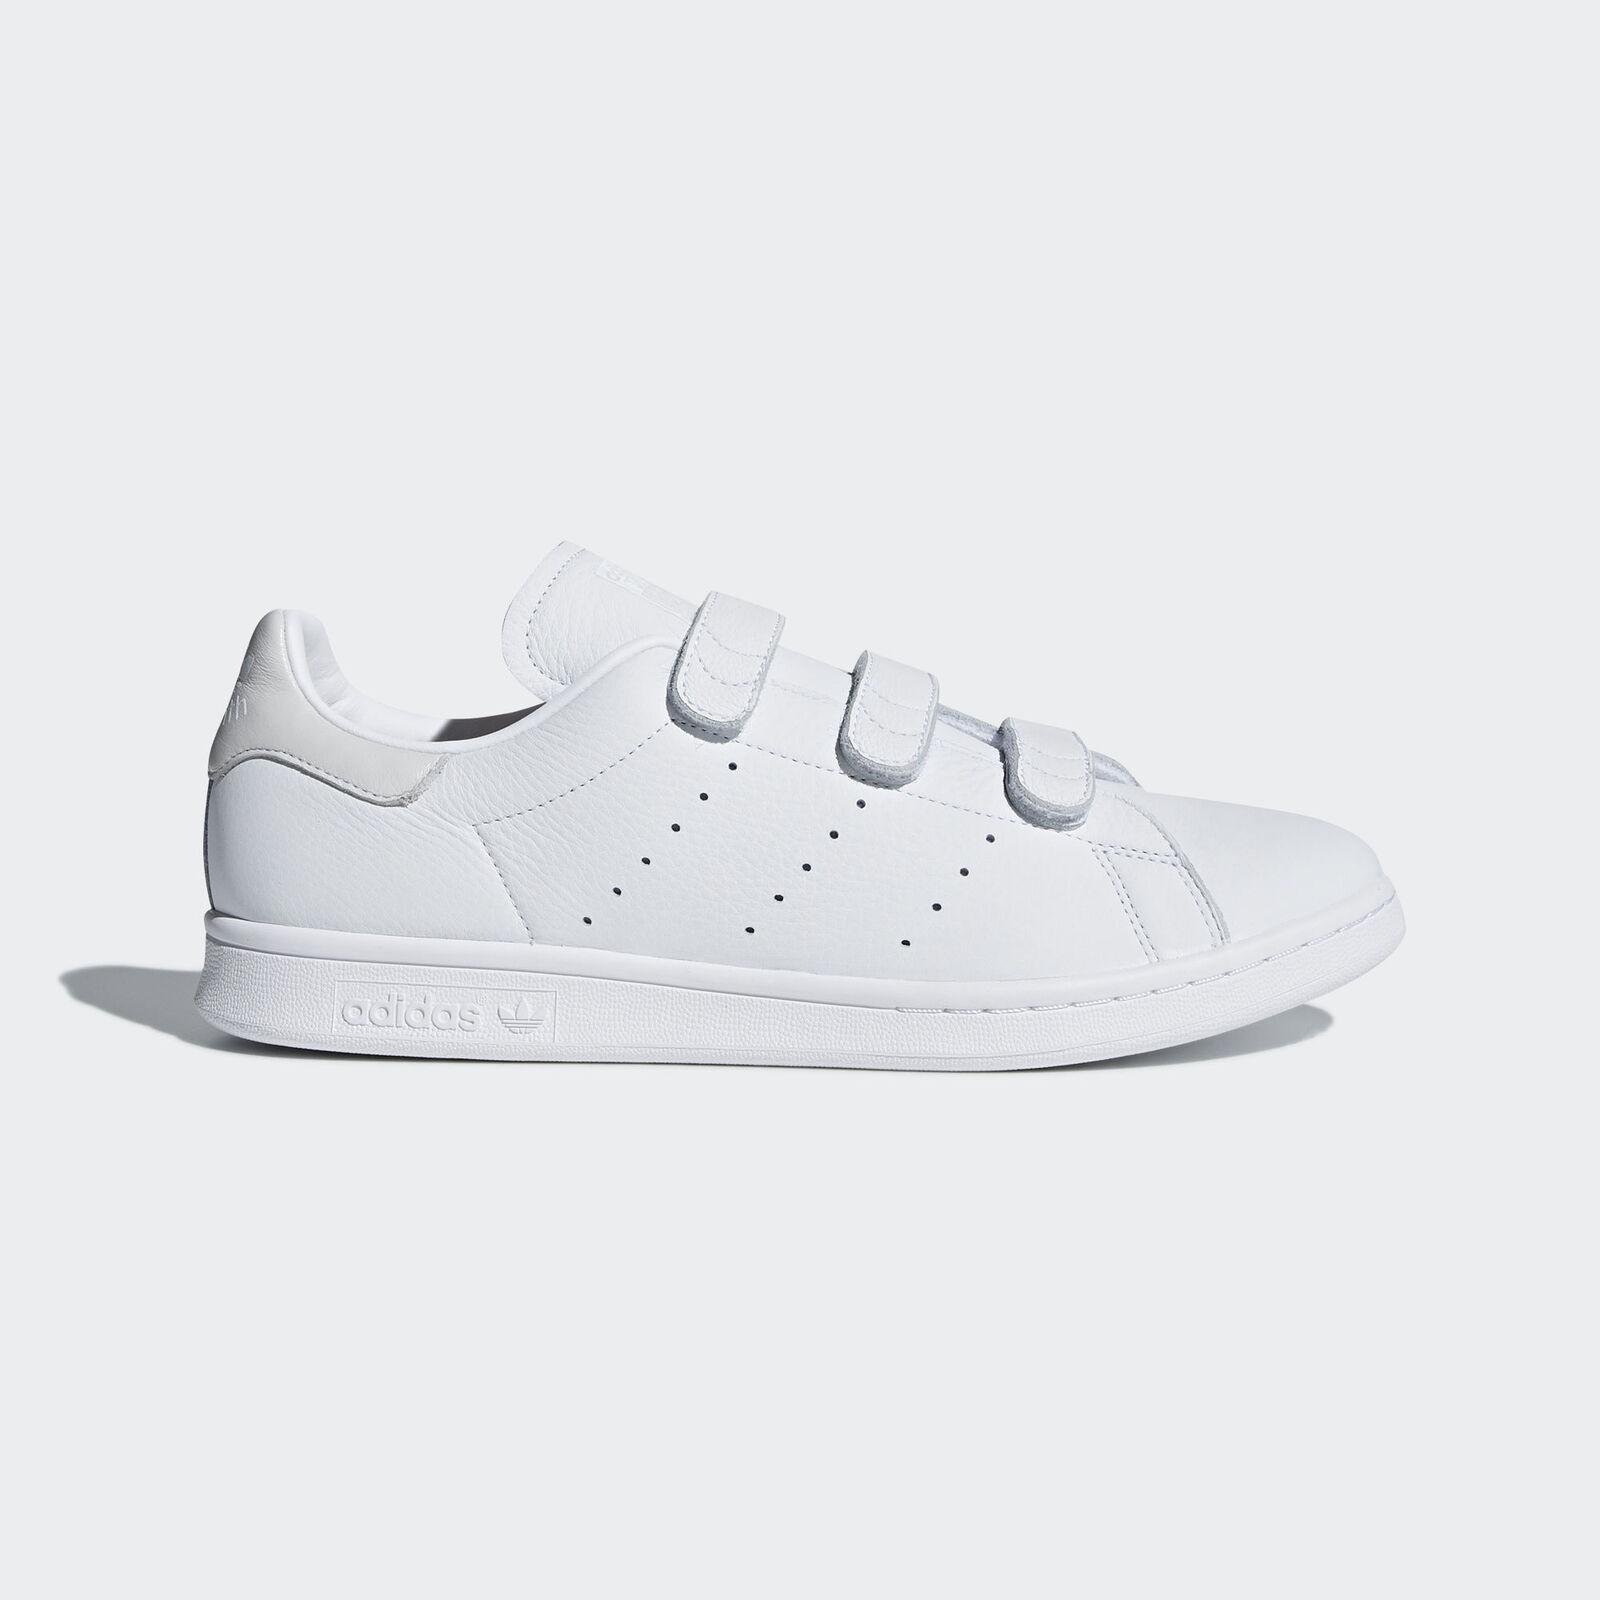 Adidas Originals Stan Smith zapatos CF [cq2632] hombres casual zapatos Smith blanco / blanco cc167d